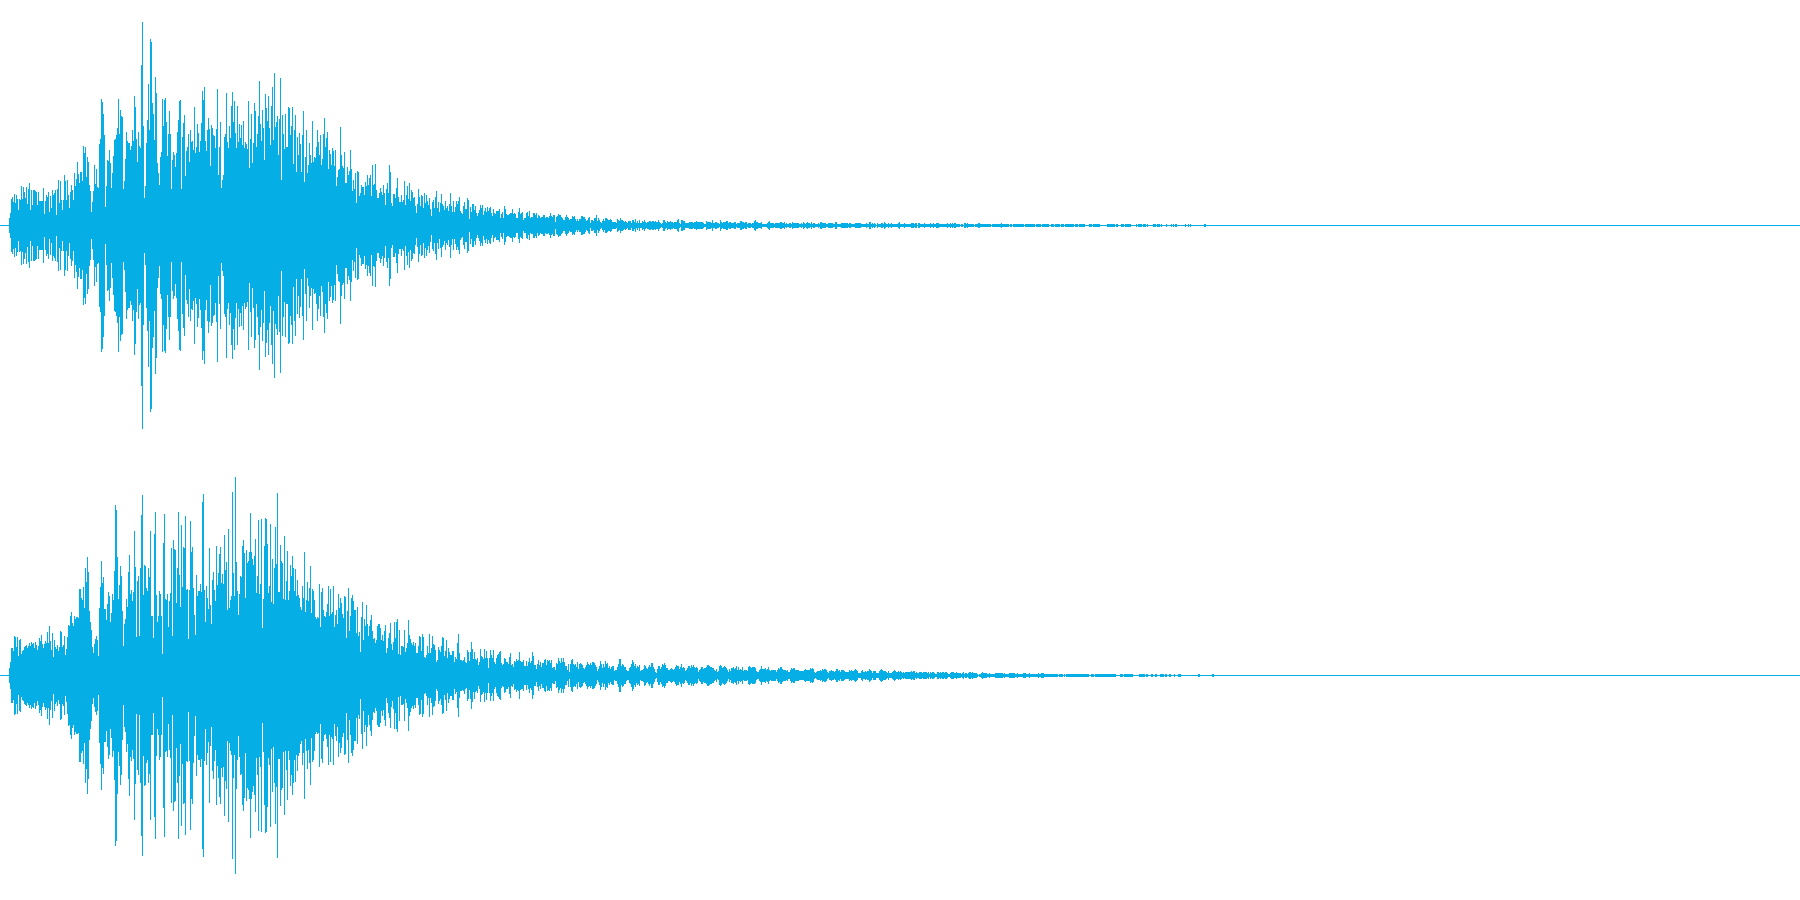 ハープ使用華麗なキラキラ上昇音 変身転換の再生済みの波形